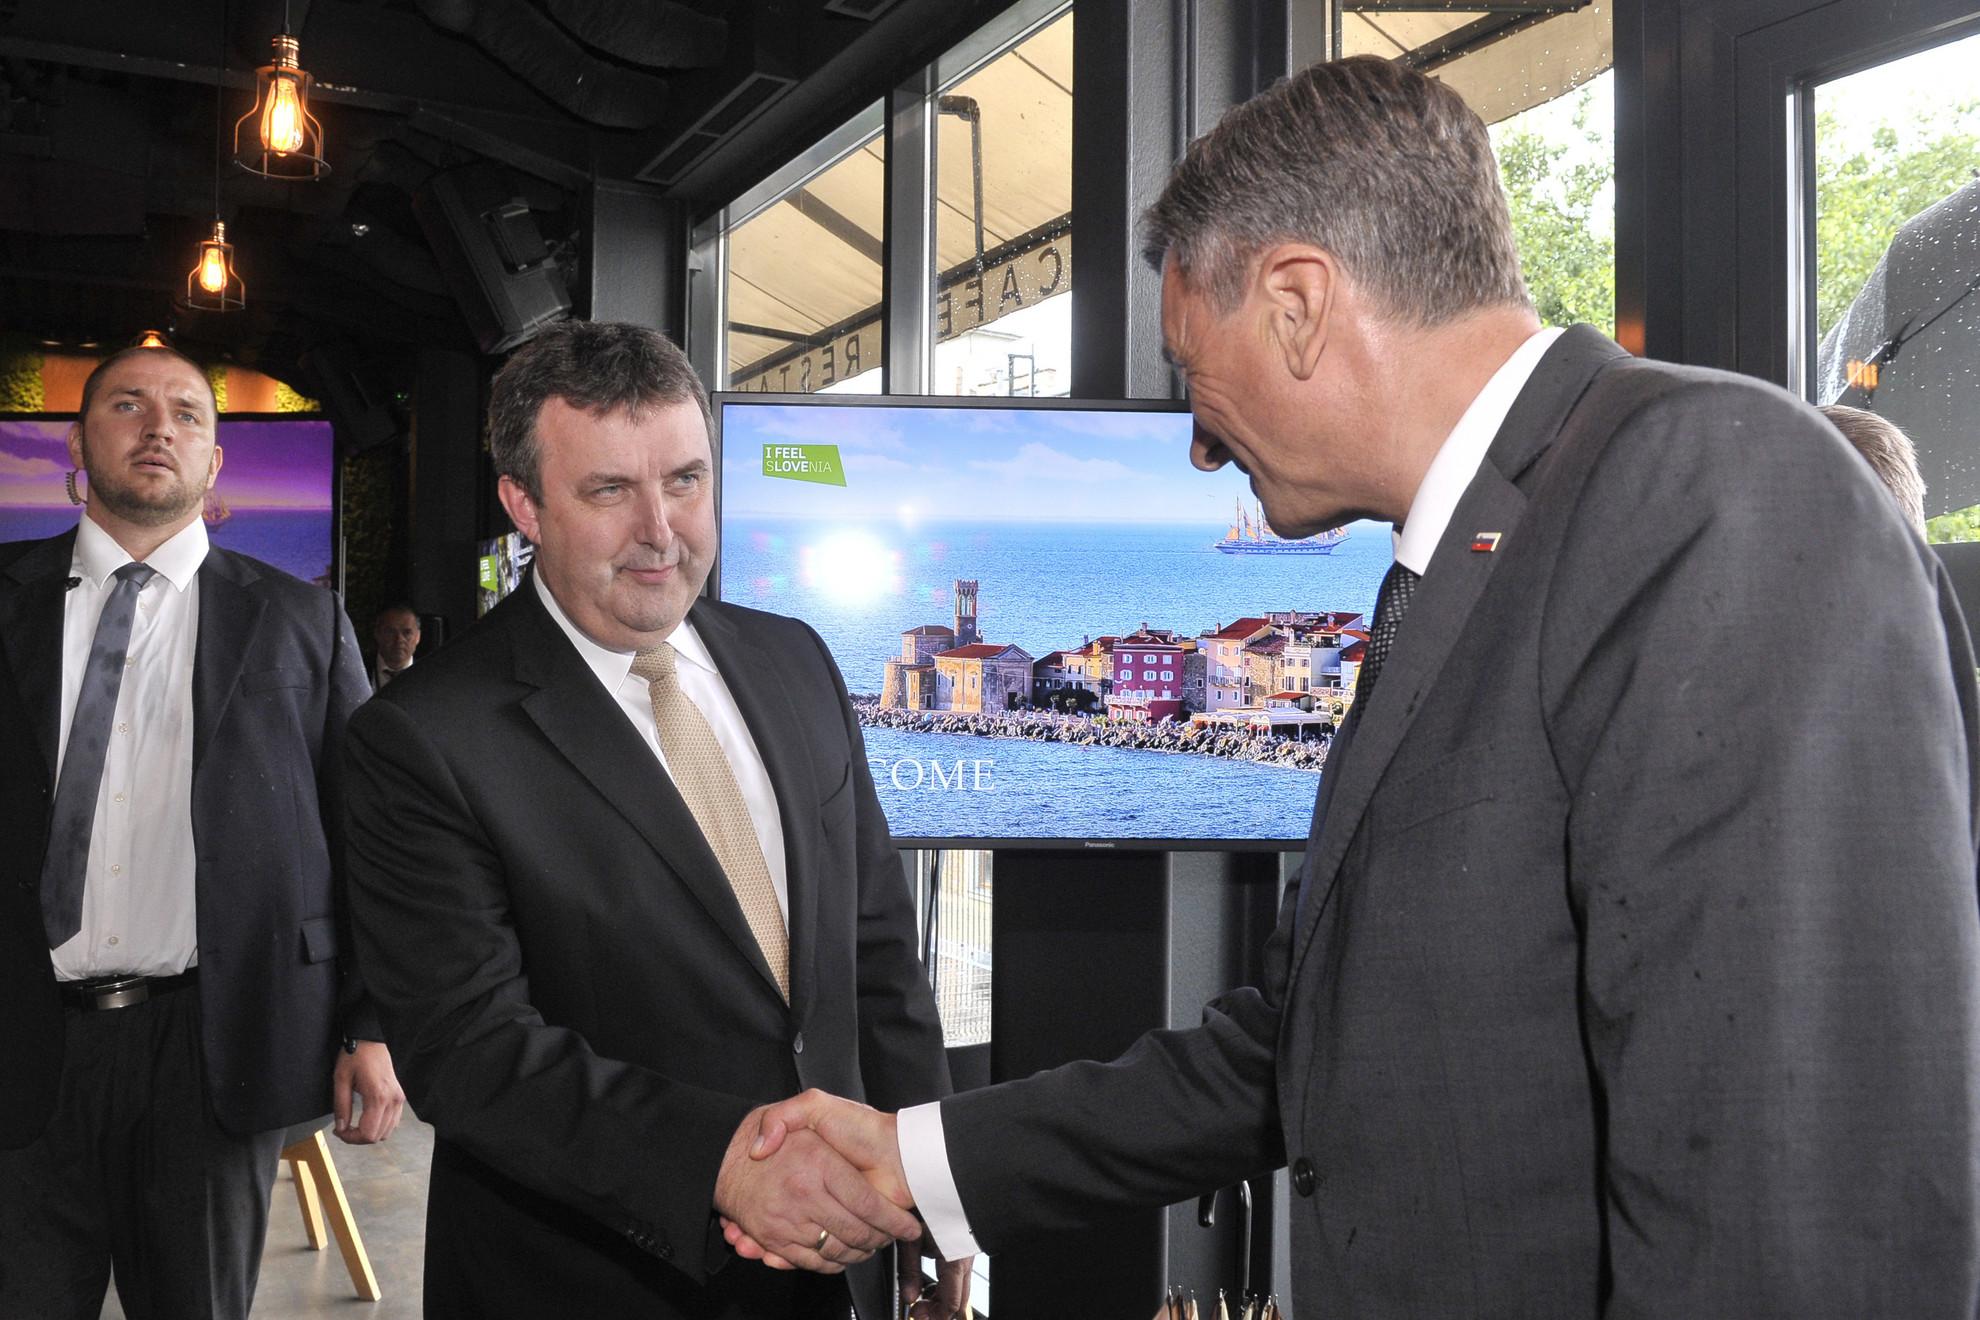 Borut Pahor, Szlovénia köztársasági elnöke (j) és Palkovics László innovációs és technológiai miniszter kezet fog a Szlovén Turisztikai Hivatal és Szlovénia budapesti nagykövetsége turisztikai promóciós rendezvényén